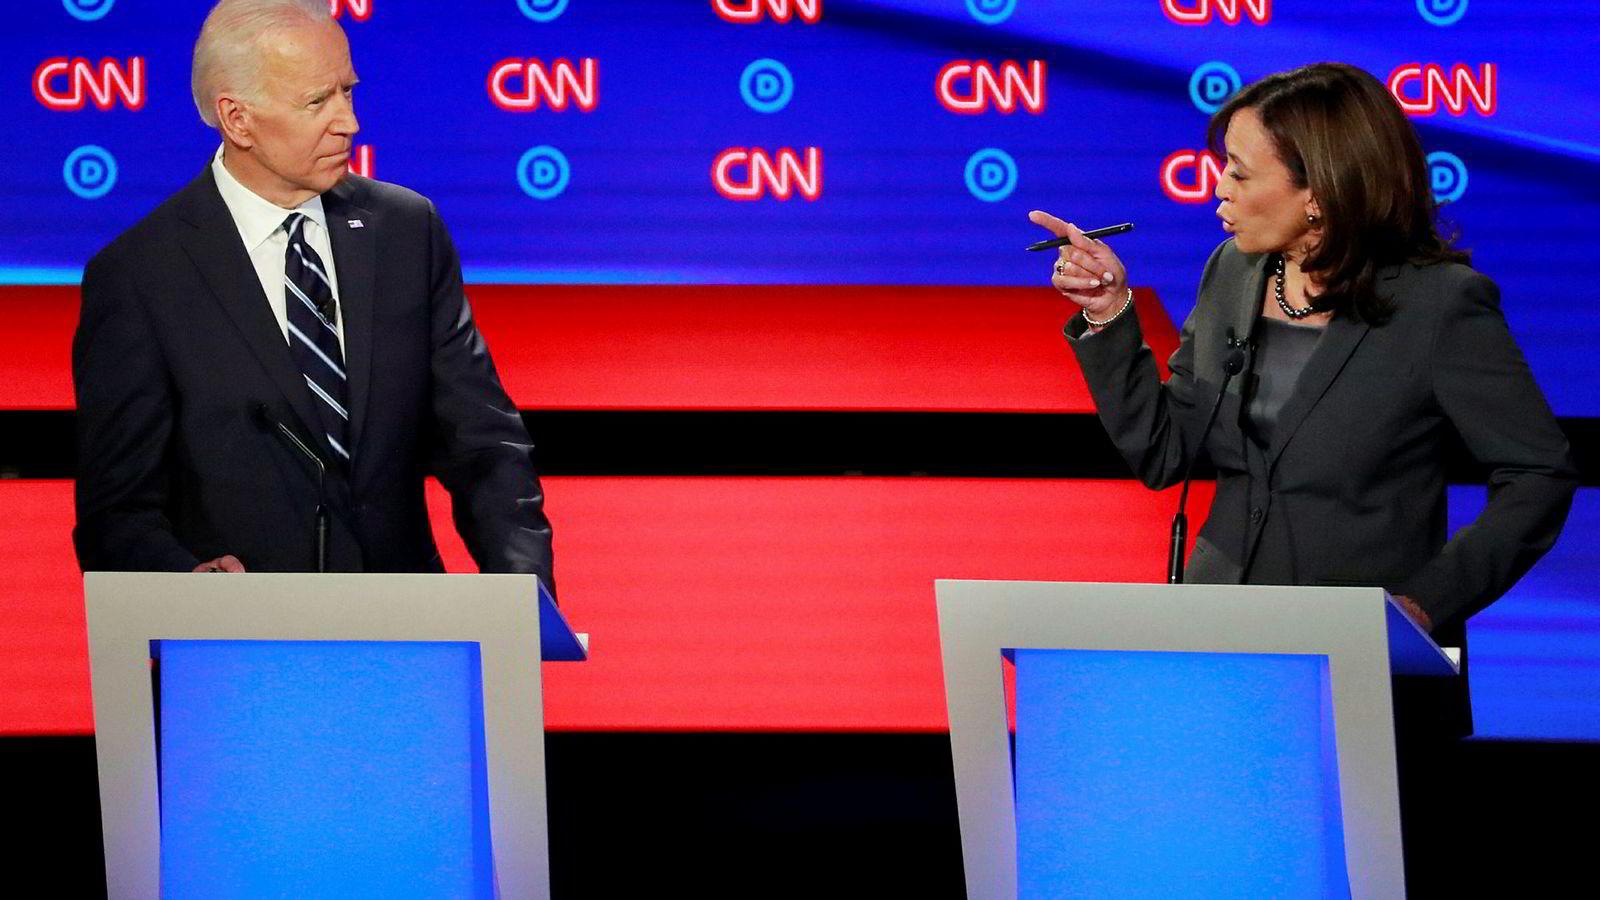 Tidligere visepresident Joe Biden og senator Kamala Harris dominerte onsdagens tv-debatt.